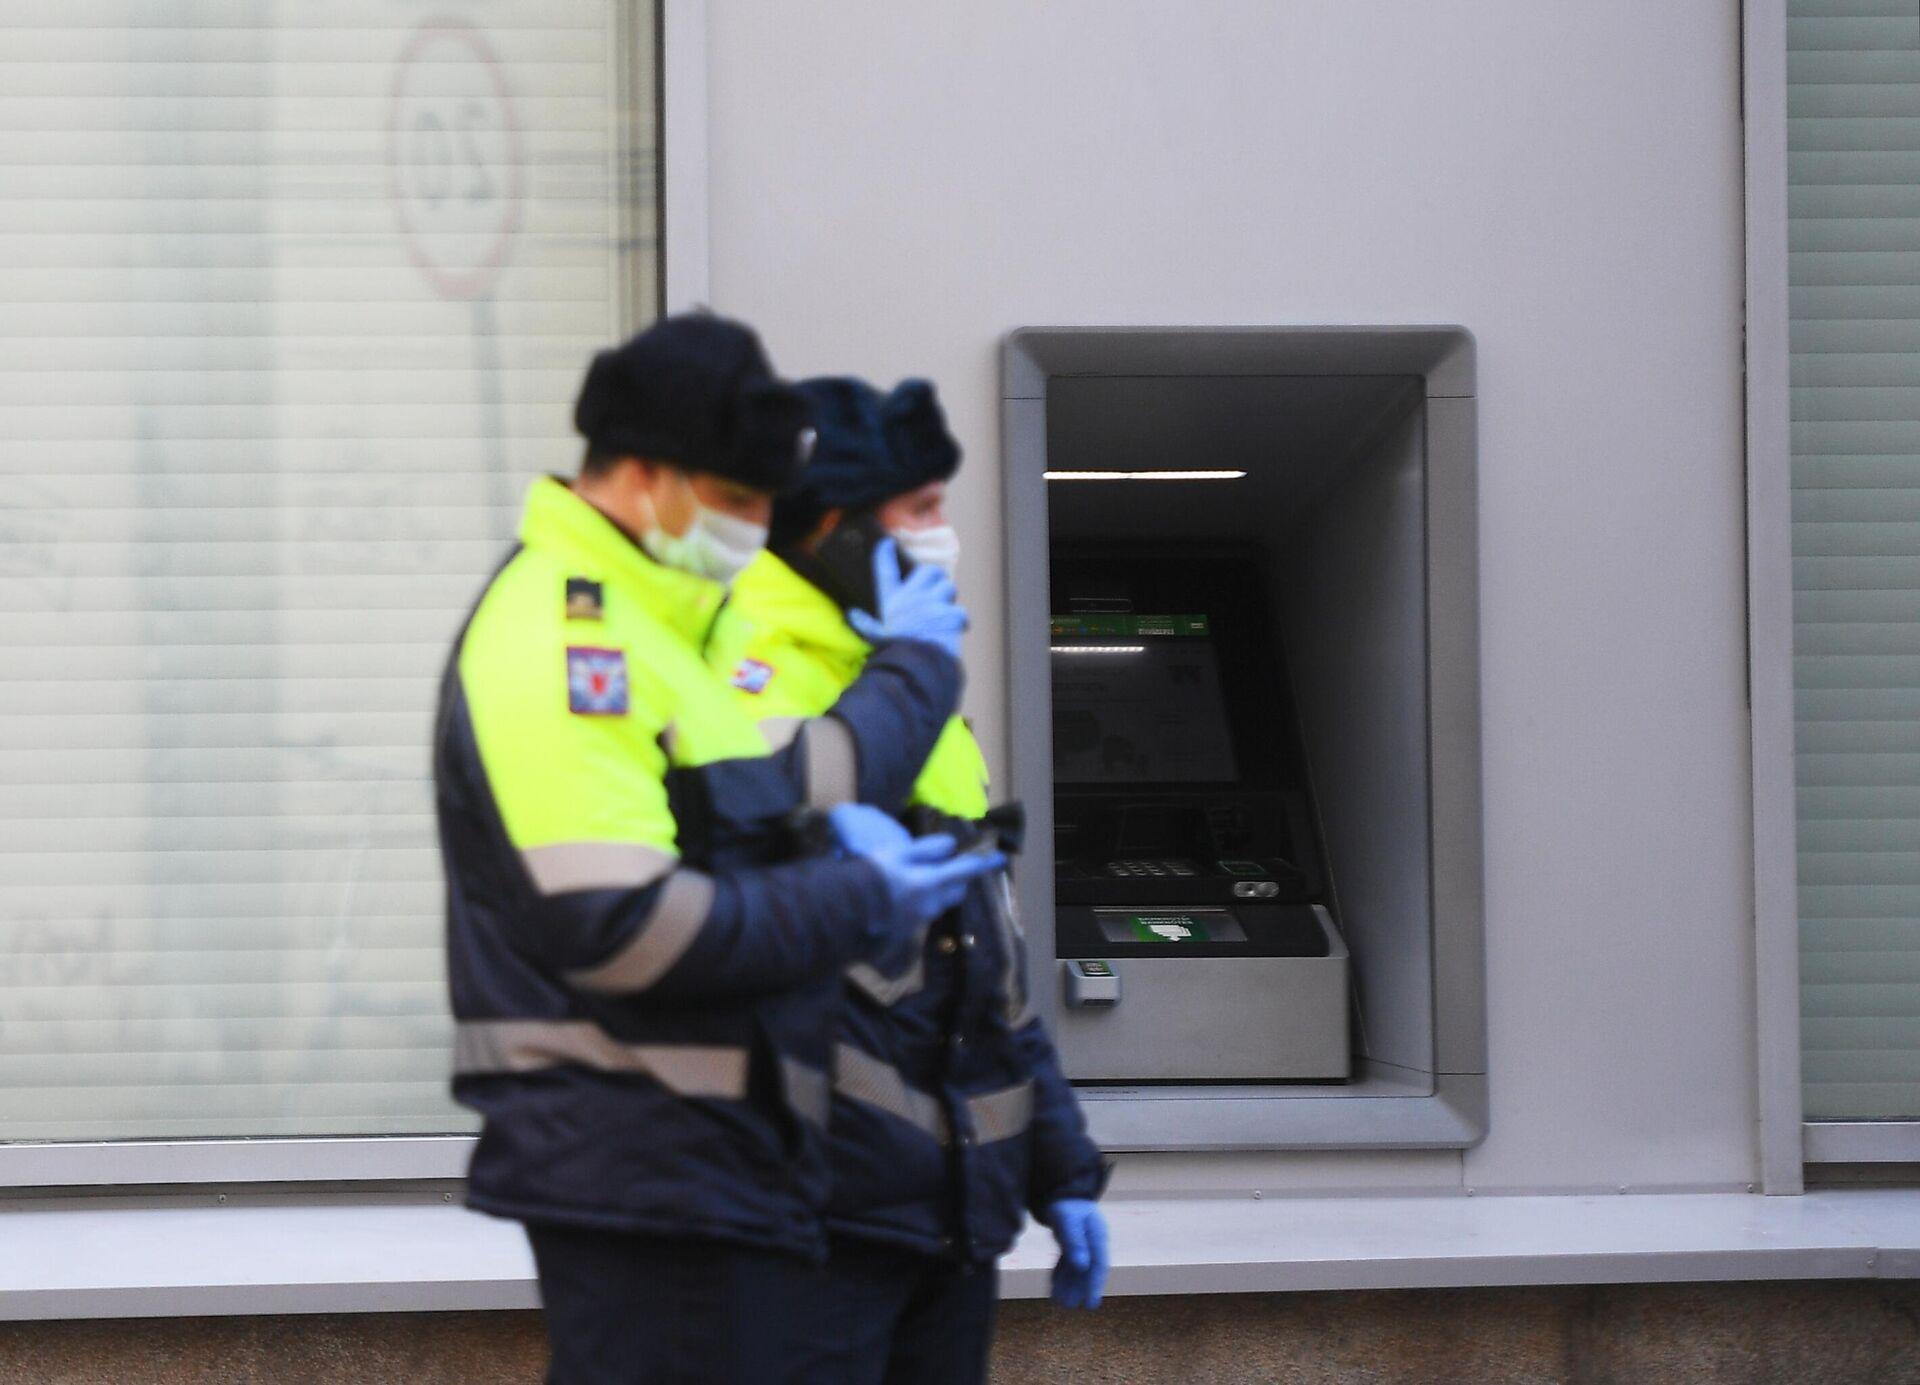 Сотрудники полиции у банкомата - РИА Новости, 1920, 08.09.2021